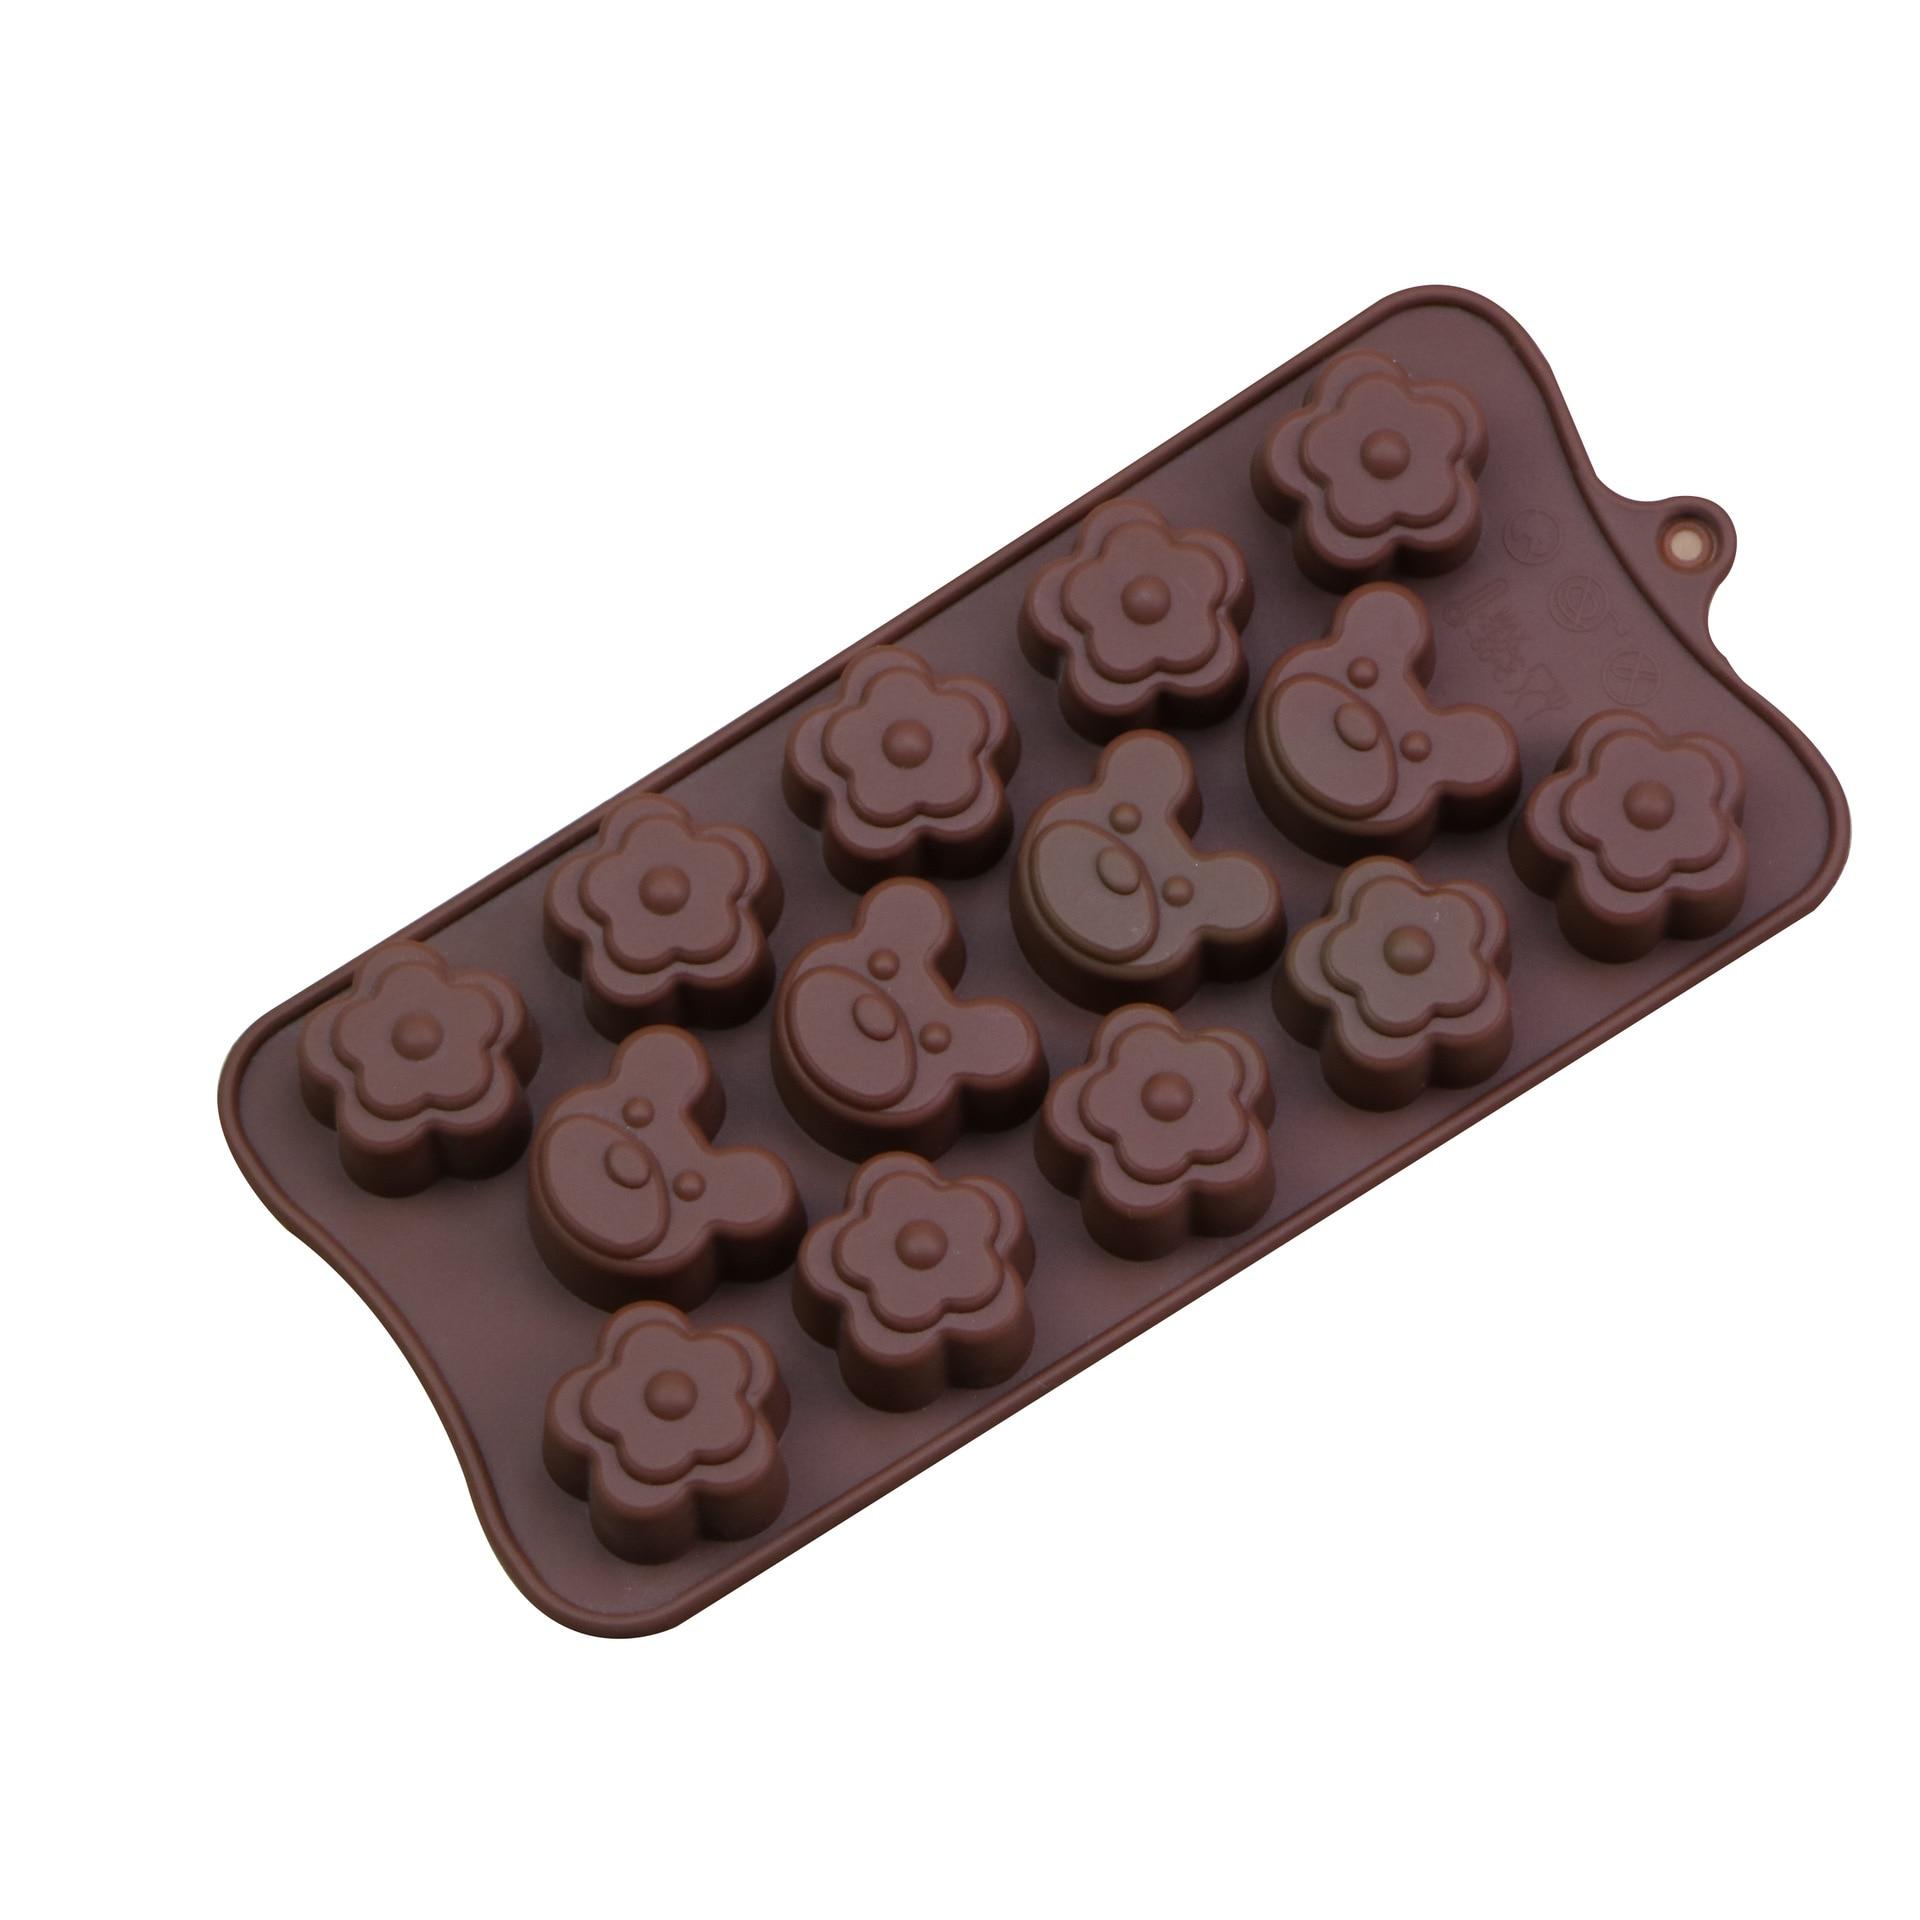 Molde de Chocolate DIY, molde de pan tostado de oso de dibujos animados, molde de gelatina o pudin, molde para postres, cubo de hielo, molde para Mousse, molde de silicona para pastel, herramienta para hornear